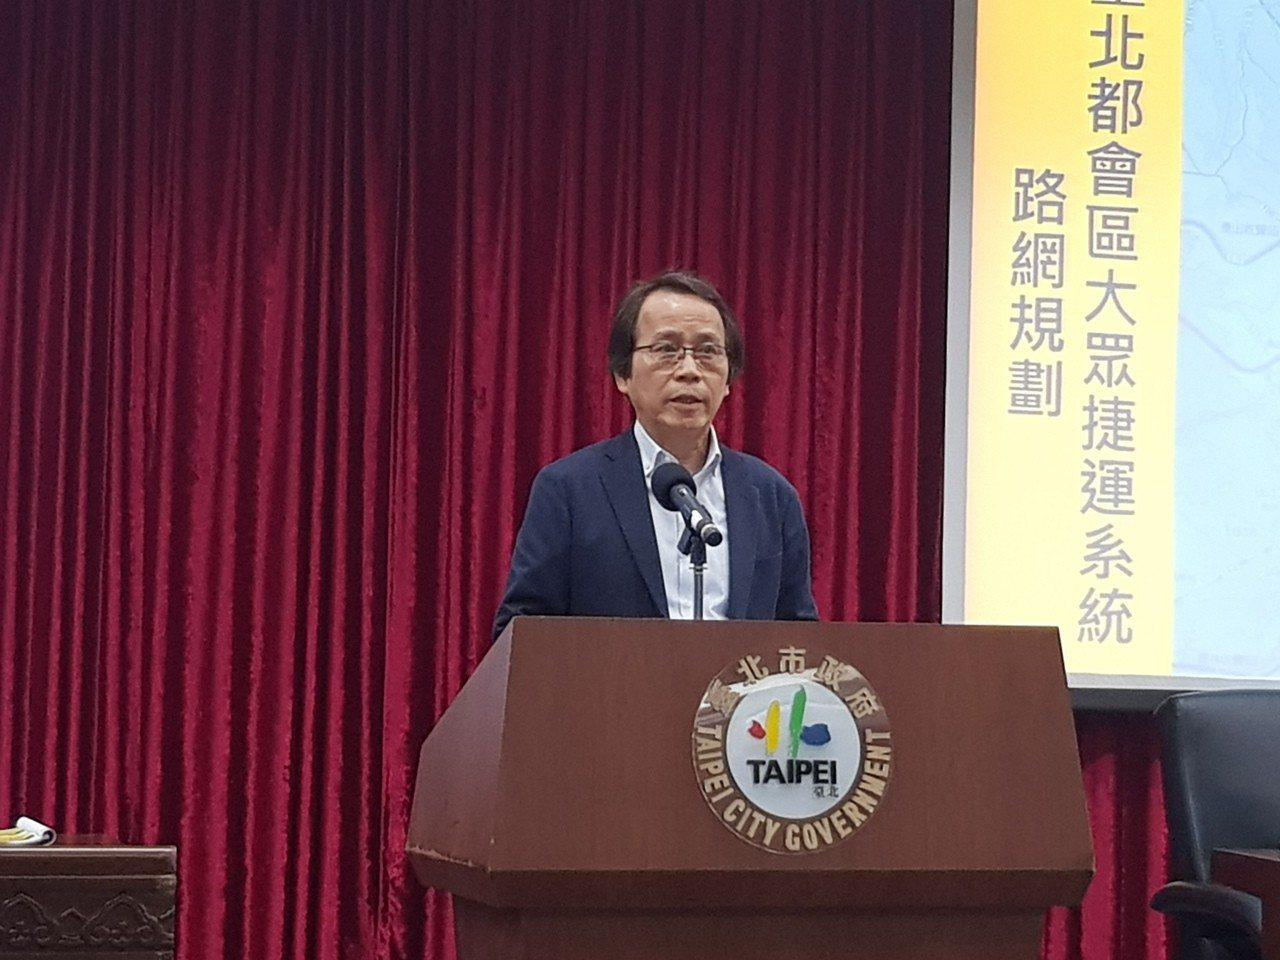 台北市副市長林欽榮昨宣布南北環段於北市的11車站周邊將採公共運輸導向的發展策略,...